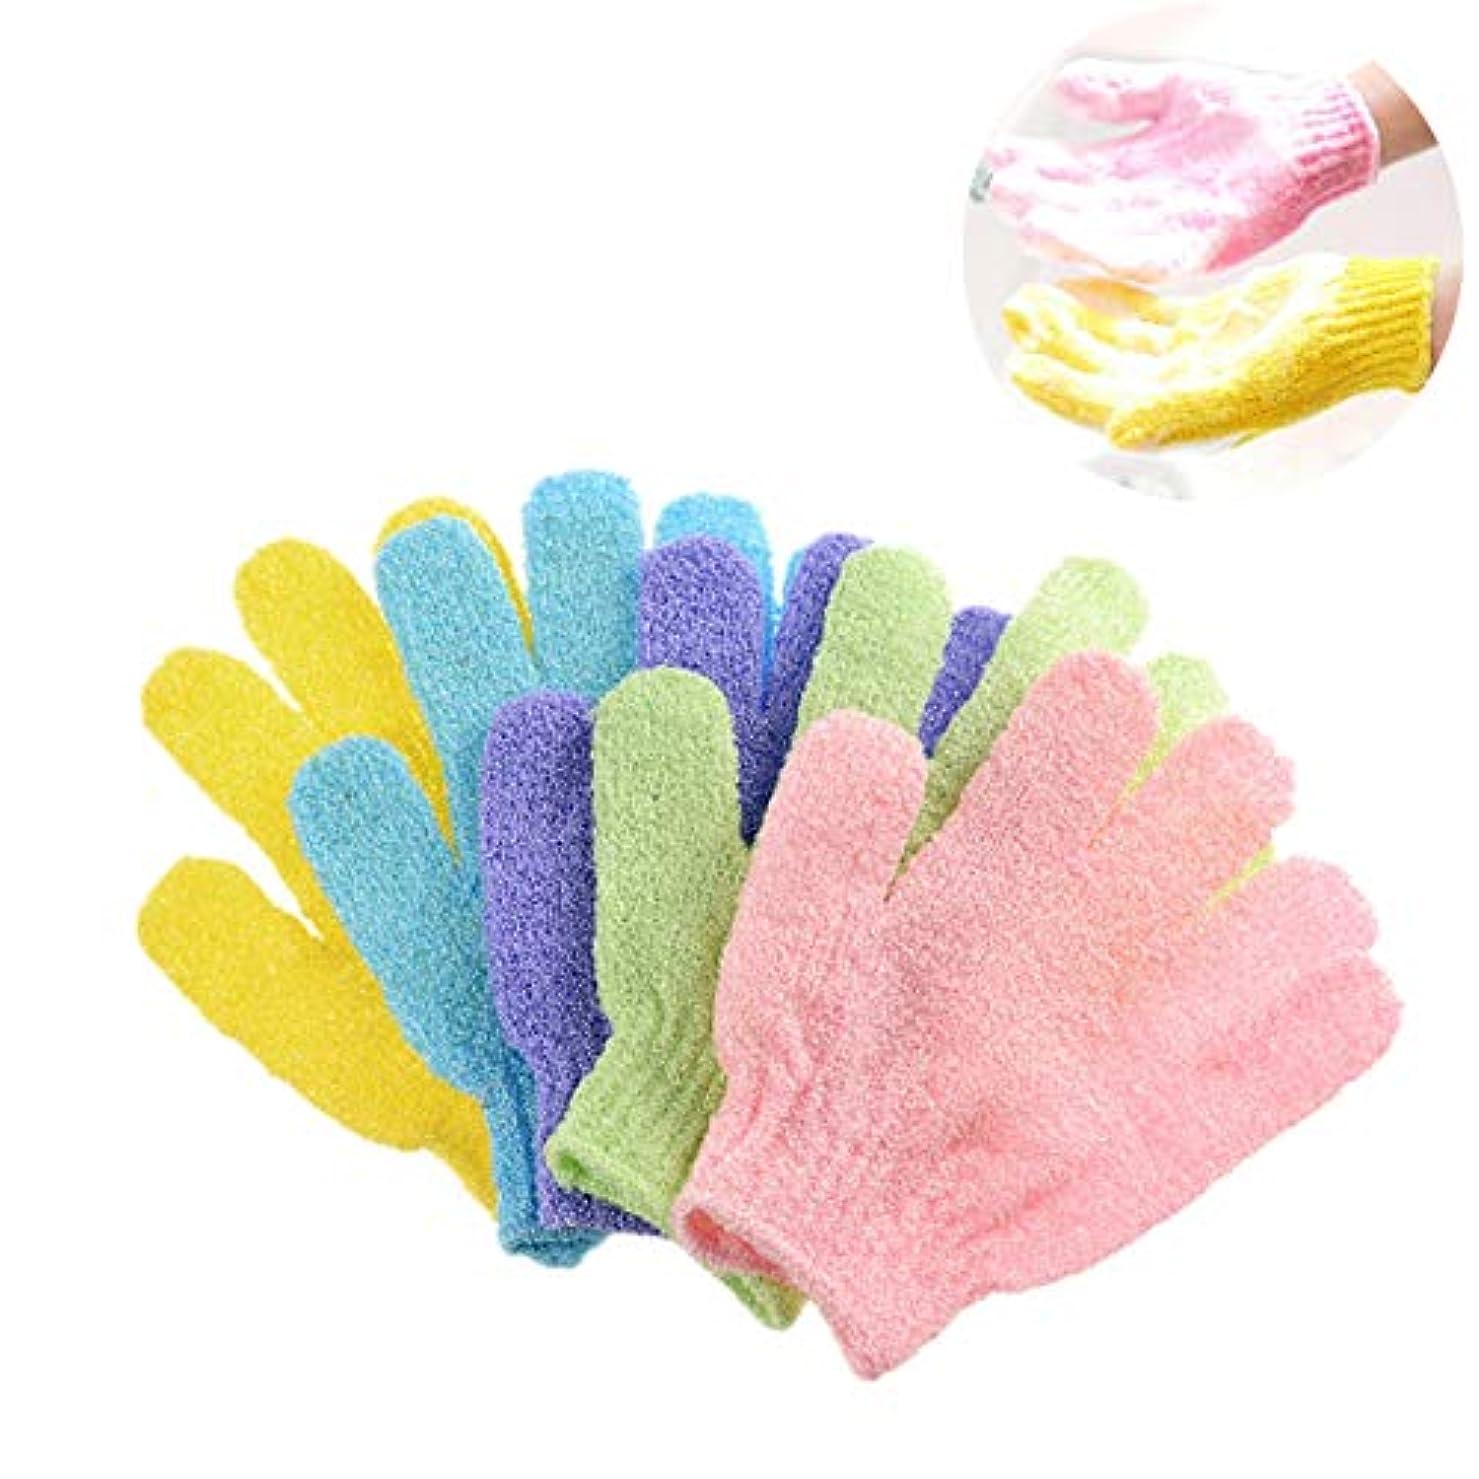 借りる保証前部Kingsie 浴用手袋 10枚セット(5ペア) ボディウォッシュ手袋 お風呂手袋 角質除去 角質取り 泡立ち 垢すり グローブ